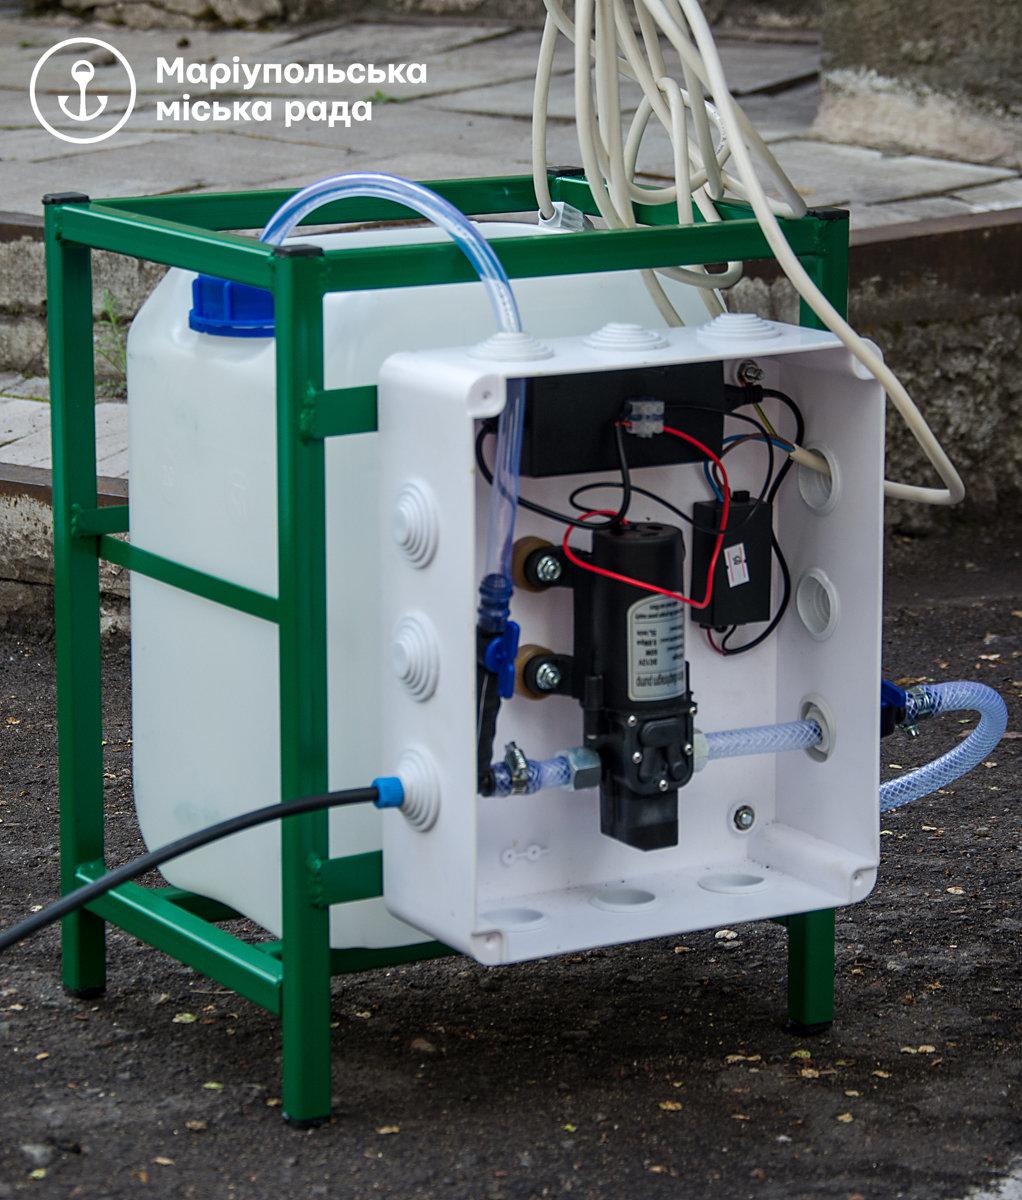 В Мариуполе  для безопасности врачей закупили  специальные рамки,- ФОТО, фото-4